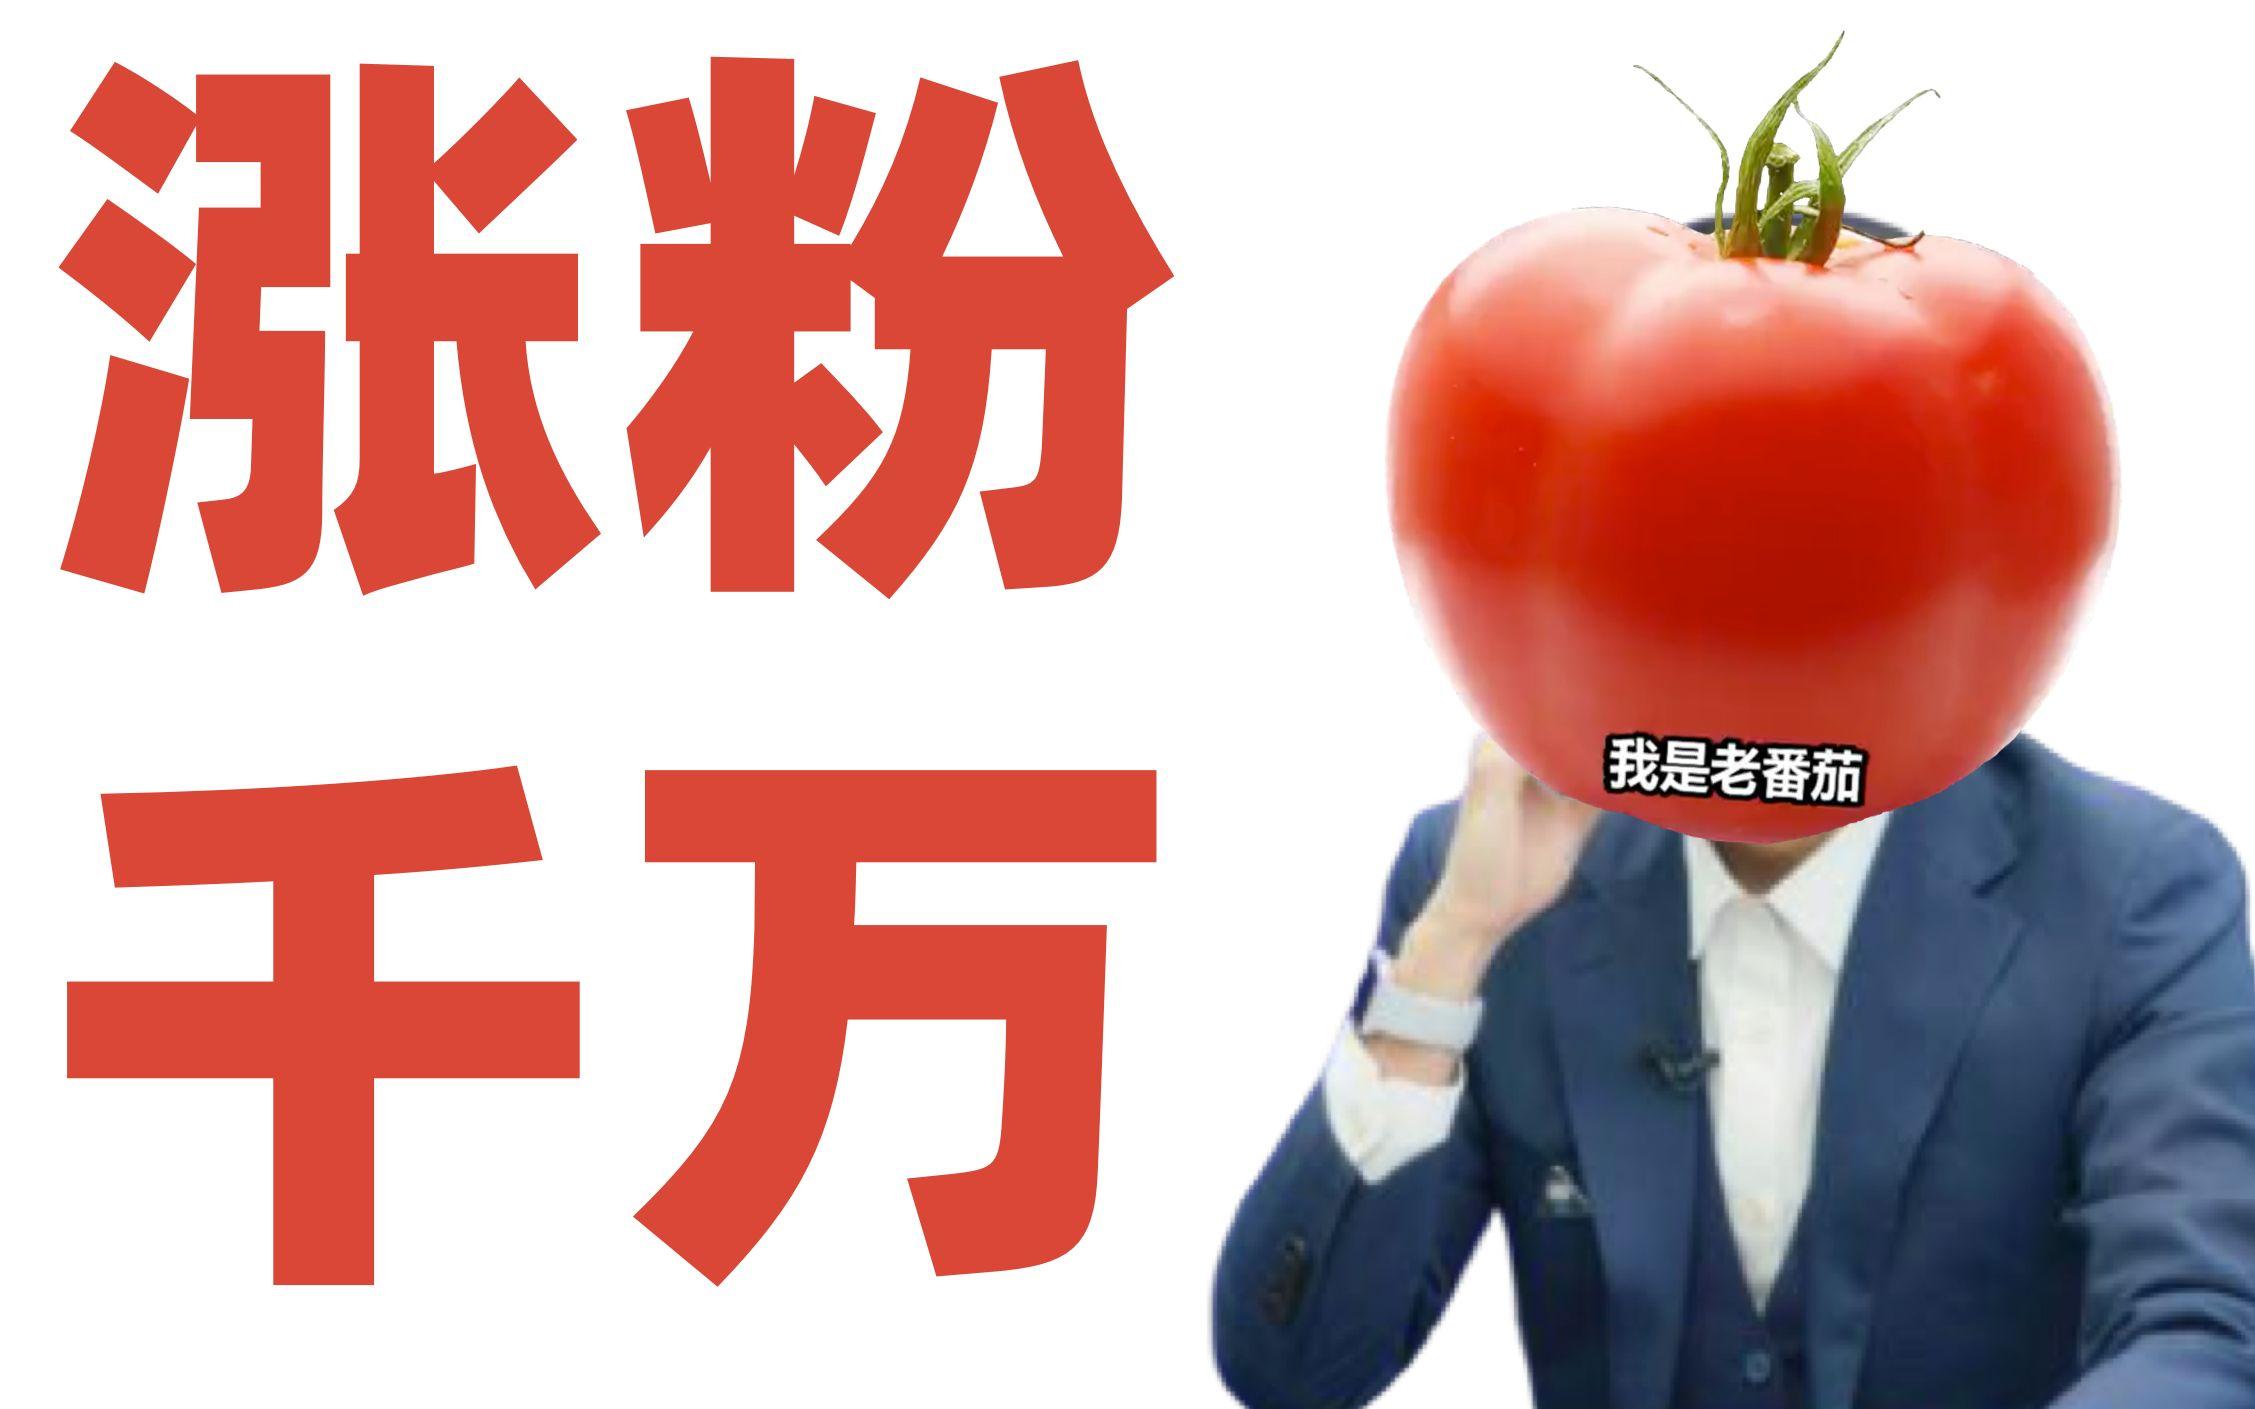 【阿扶】B站粉丝破千万,老番茄为何那么多人喜欢?